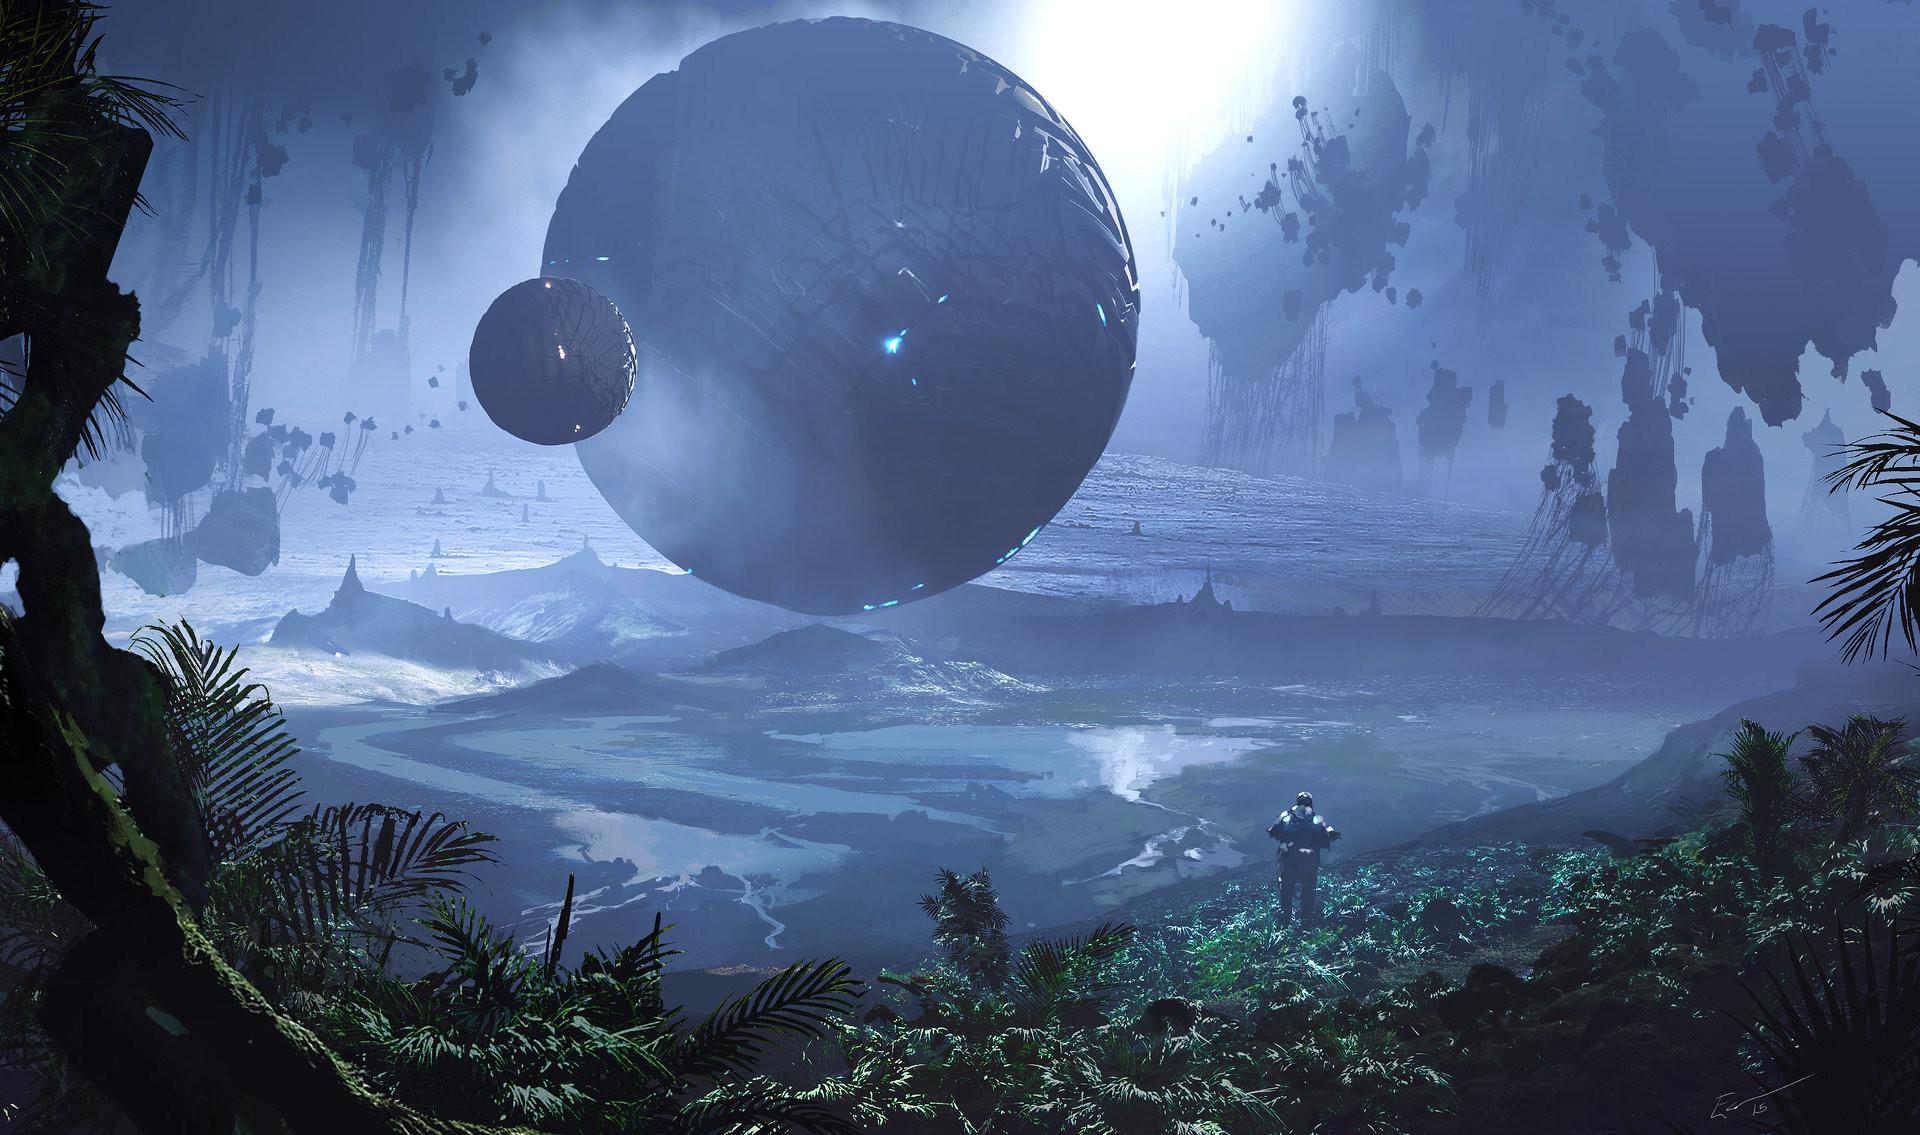 Sci Fi – Landscape Sphere Floating Island Wallpaper